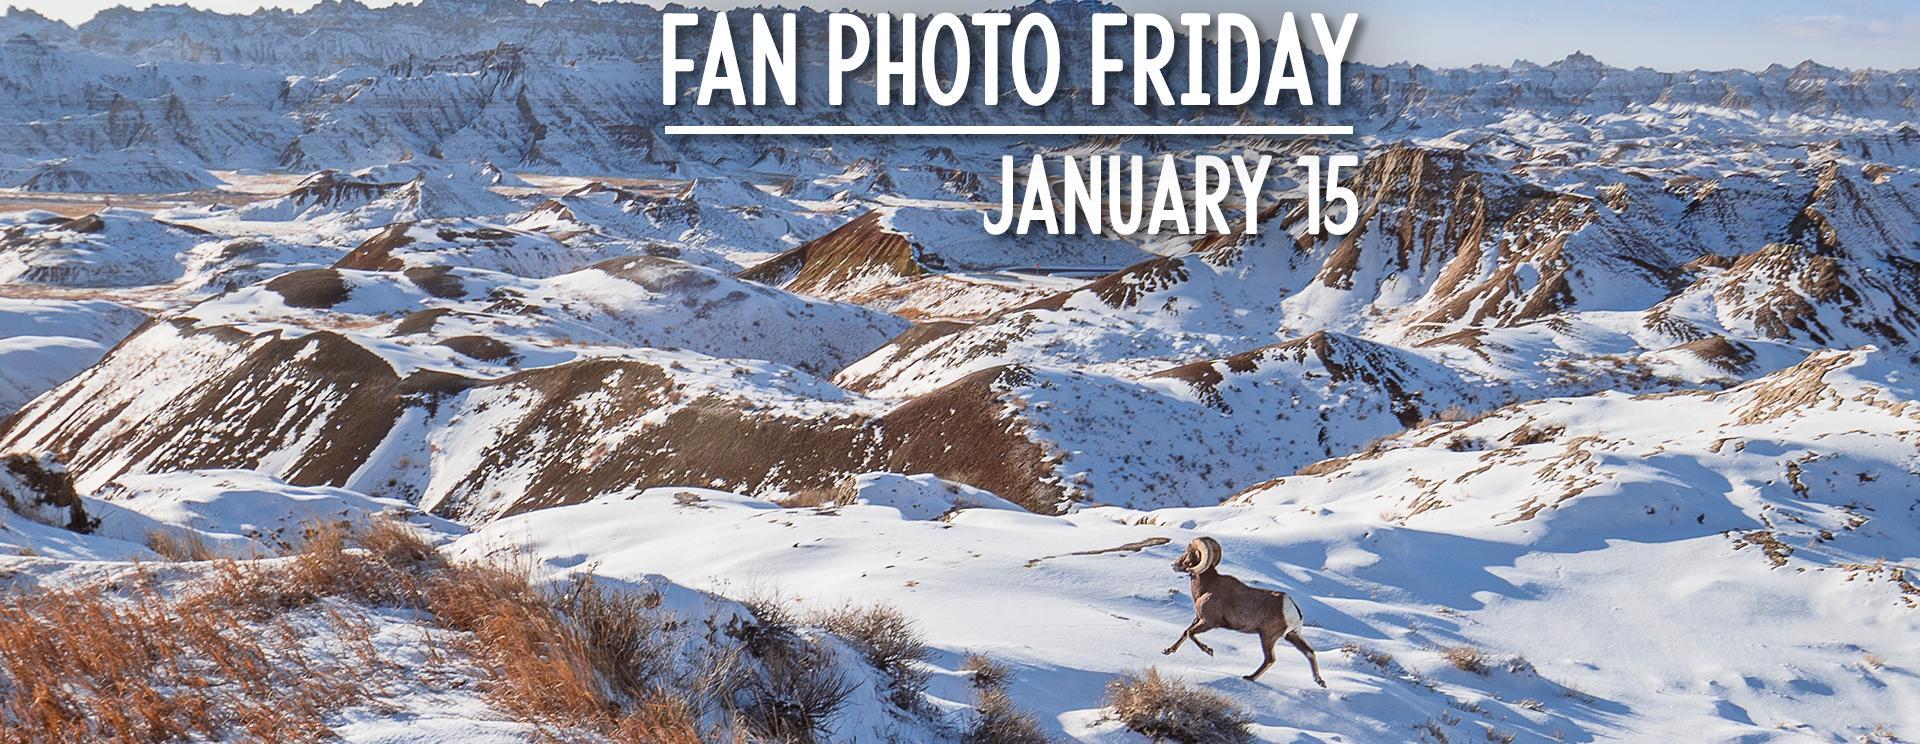 Fan Photo Friday | January 15, 2021